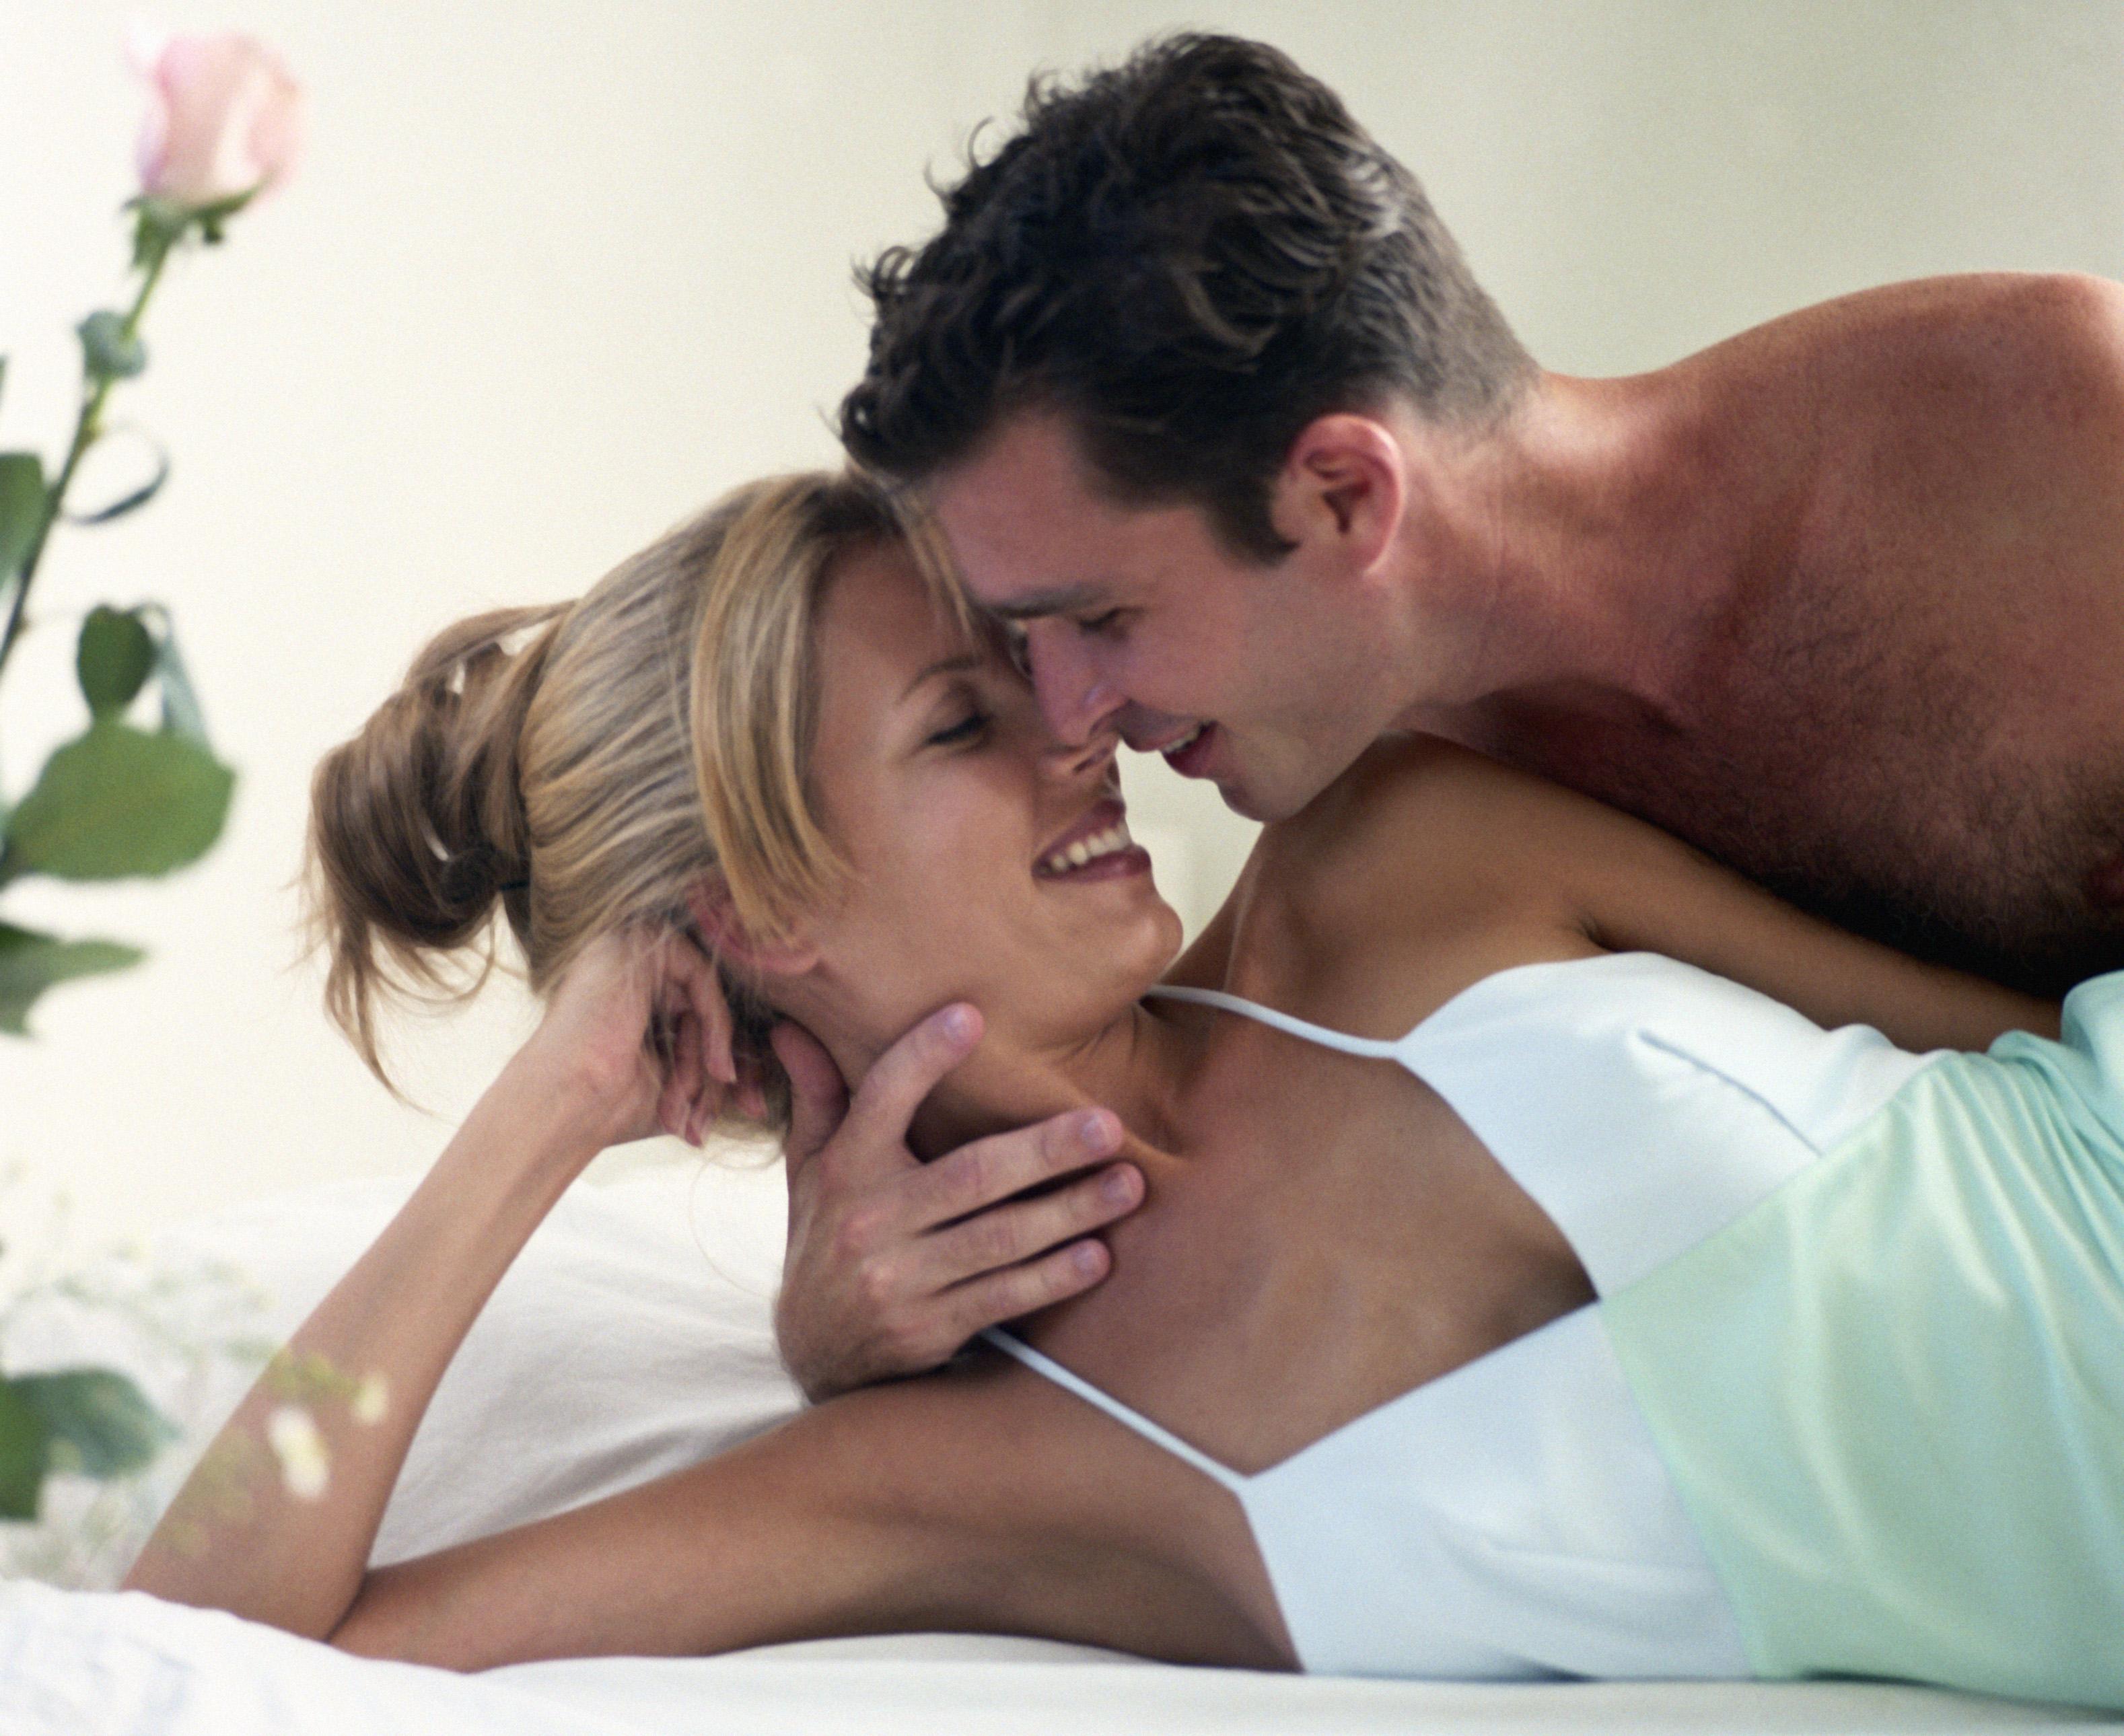 El sexo no aumenta el riesgo de ataque cardiaco